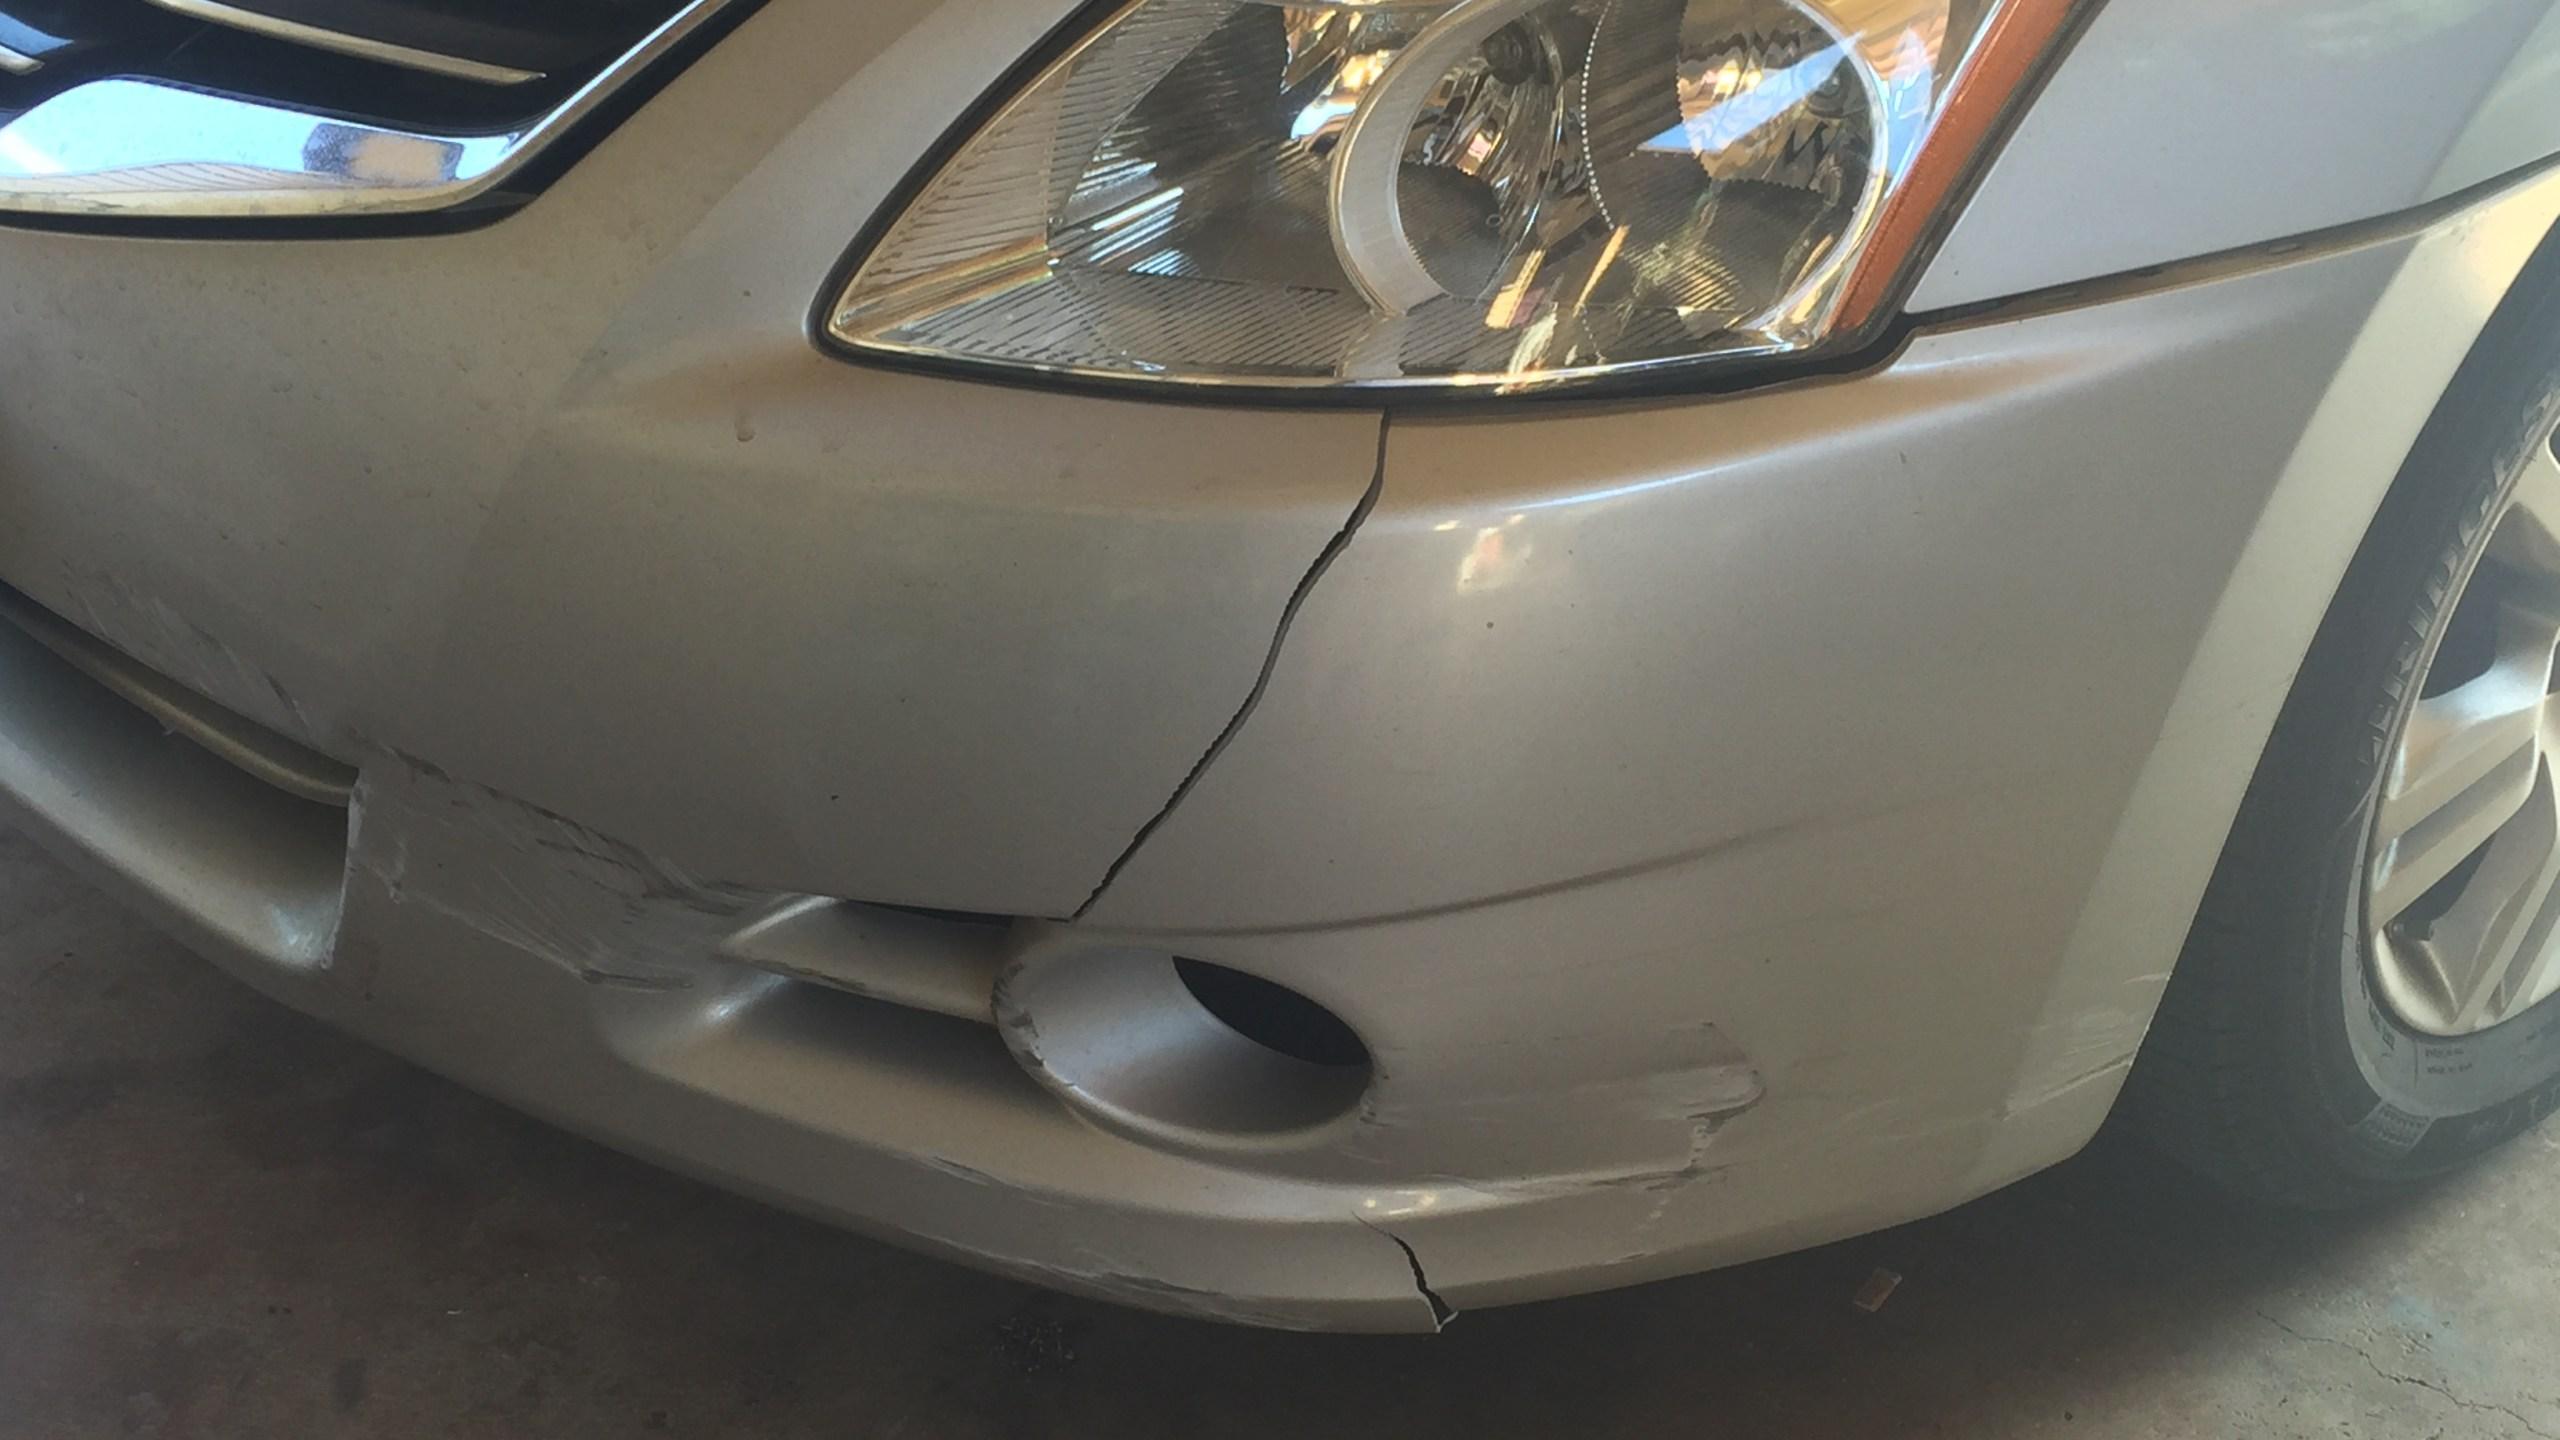 H1 METAL CAR DAMAGE 2_150950